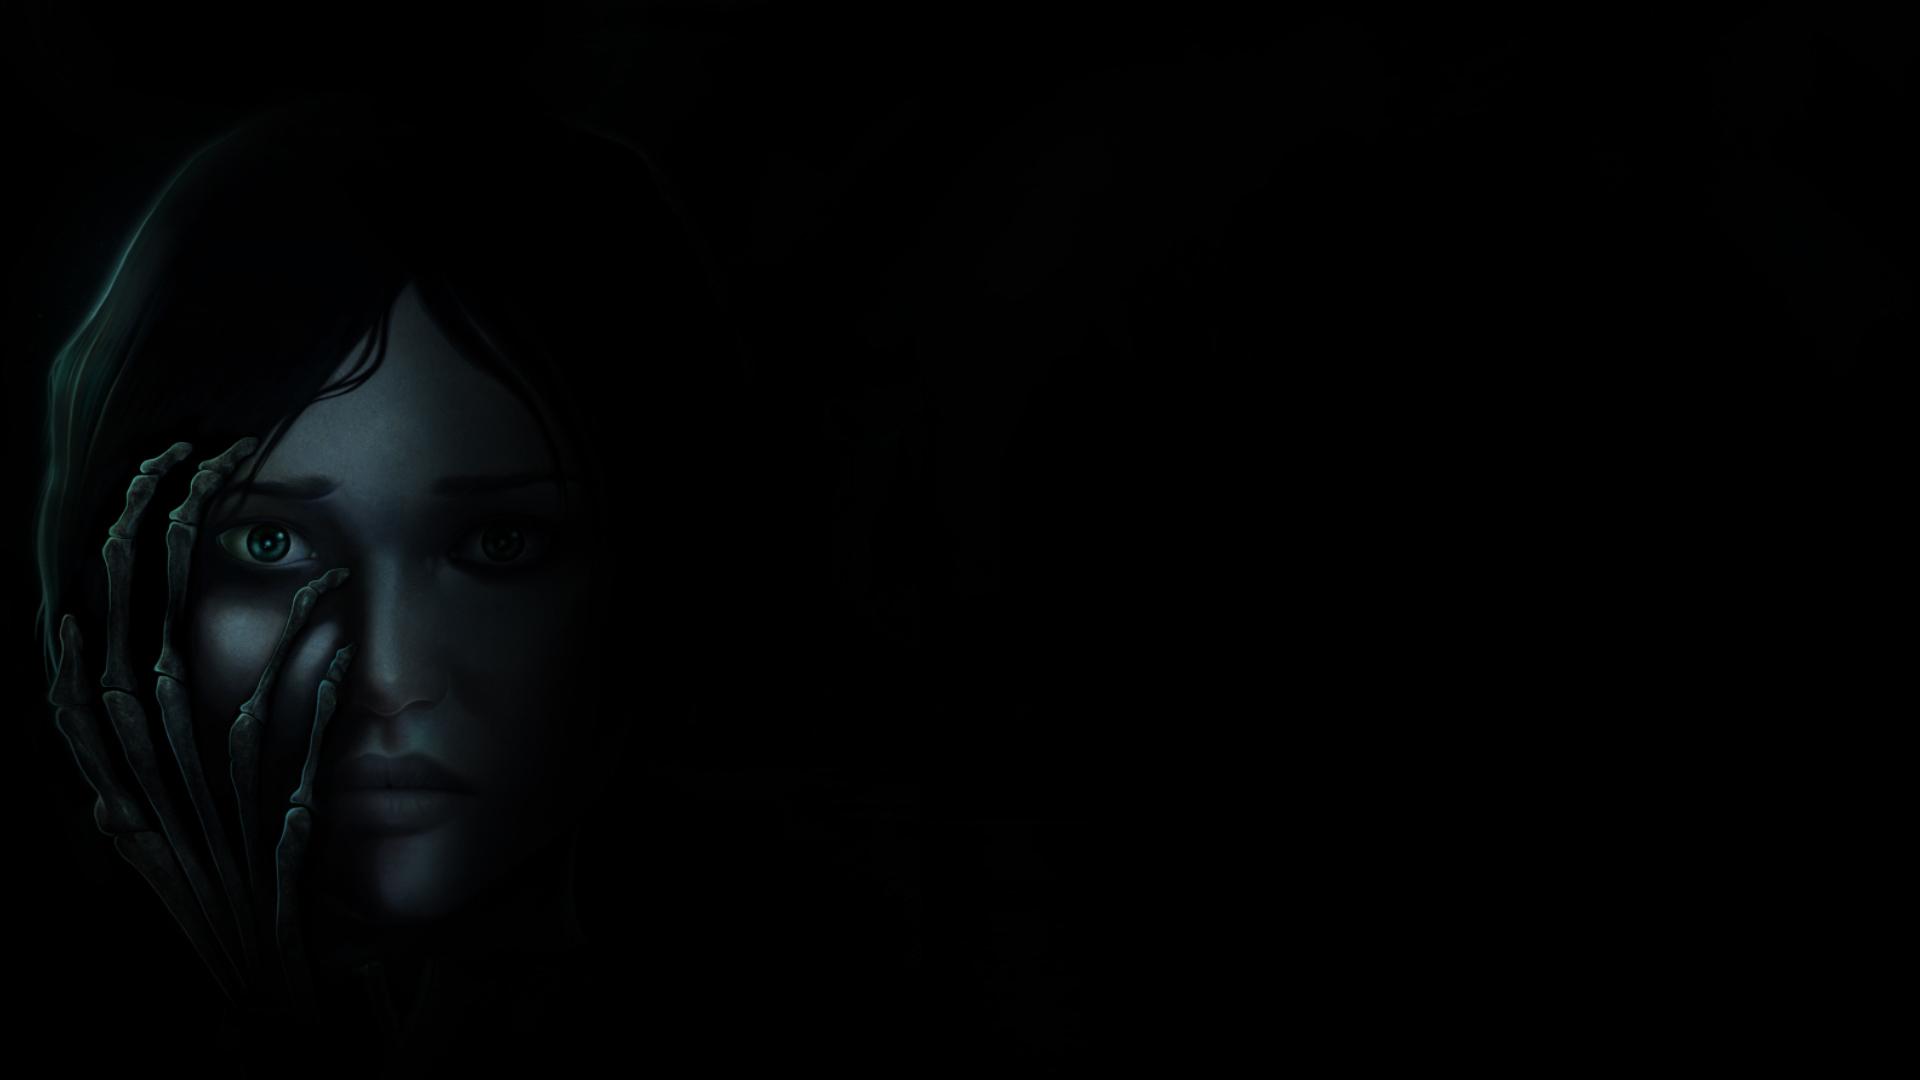 Халява: в Steam стал бесплатным хоррор-квест в духе «Нечто» от закрытой финской студии